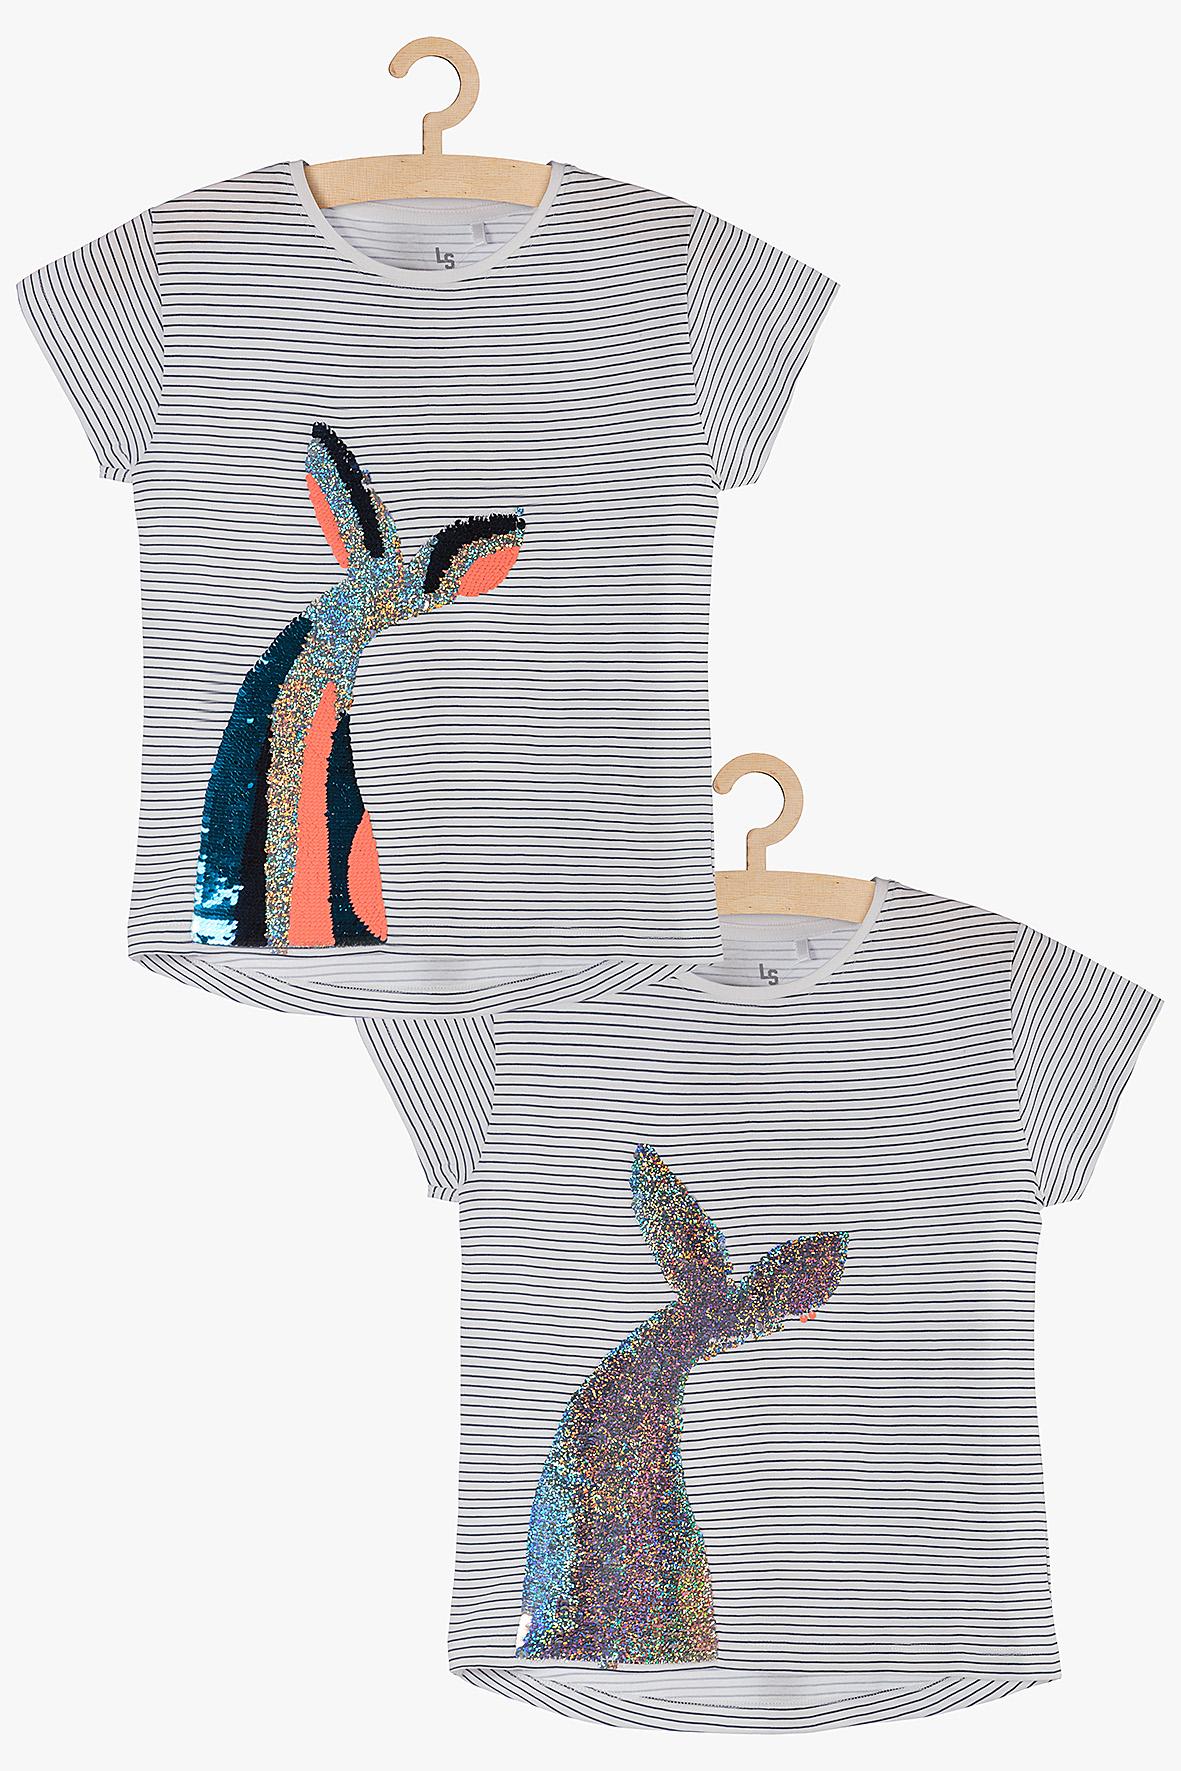 T-shirt w paski -Syreni ogon 4I3826